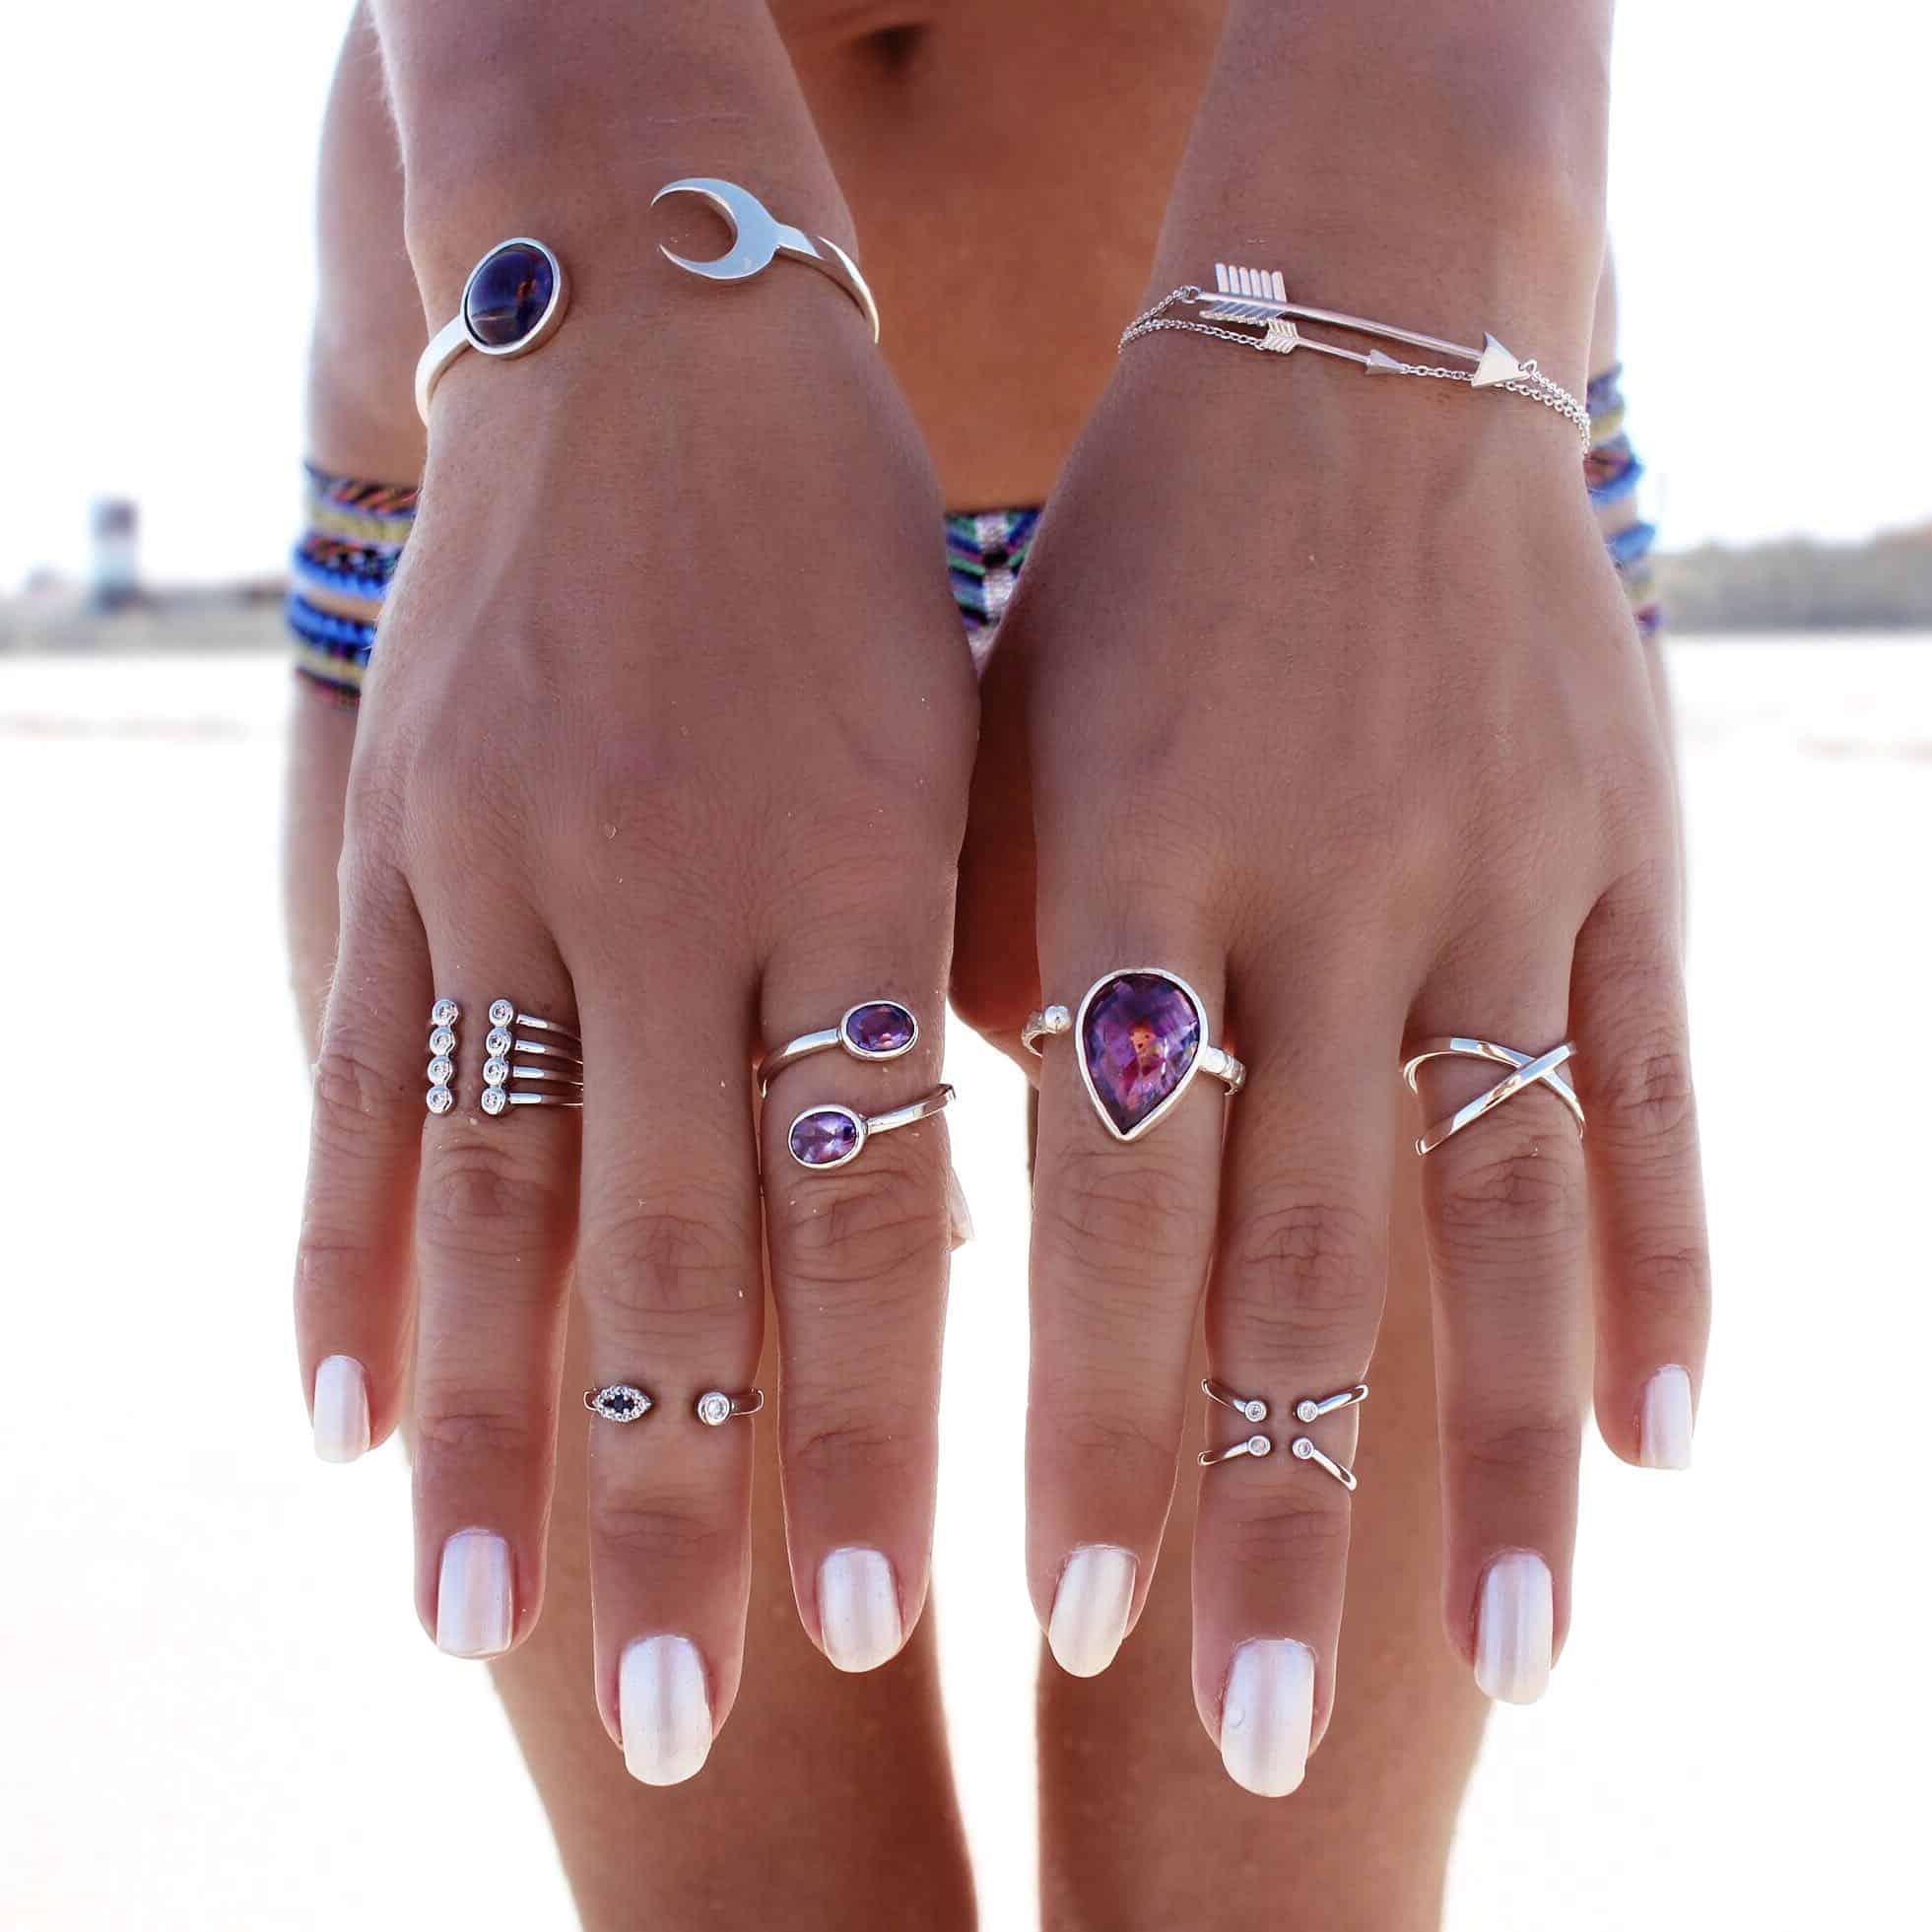 anéis em todos os dedos